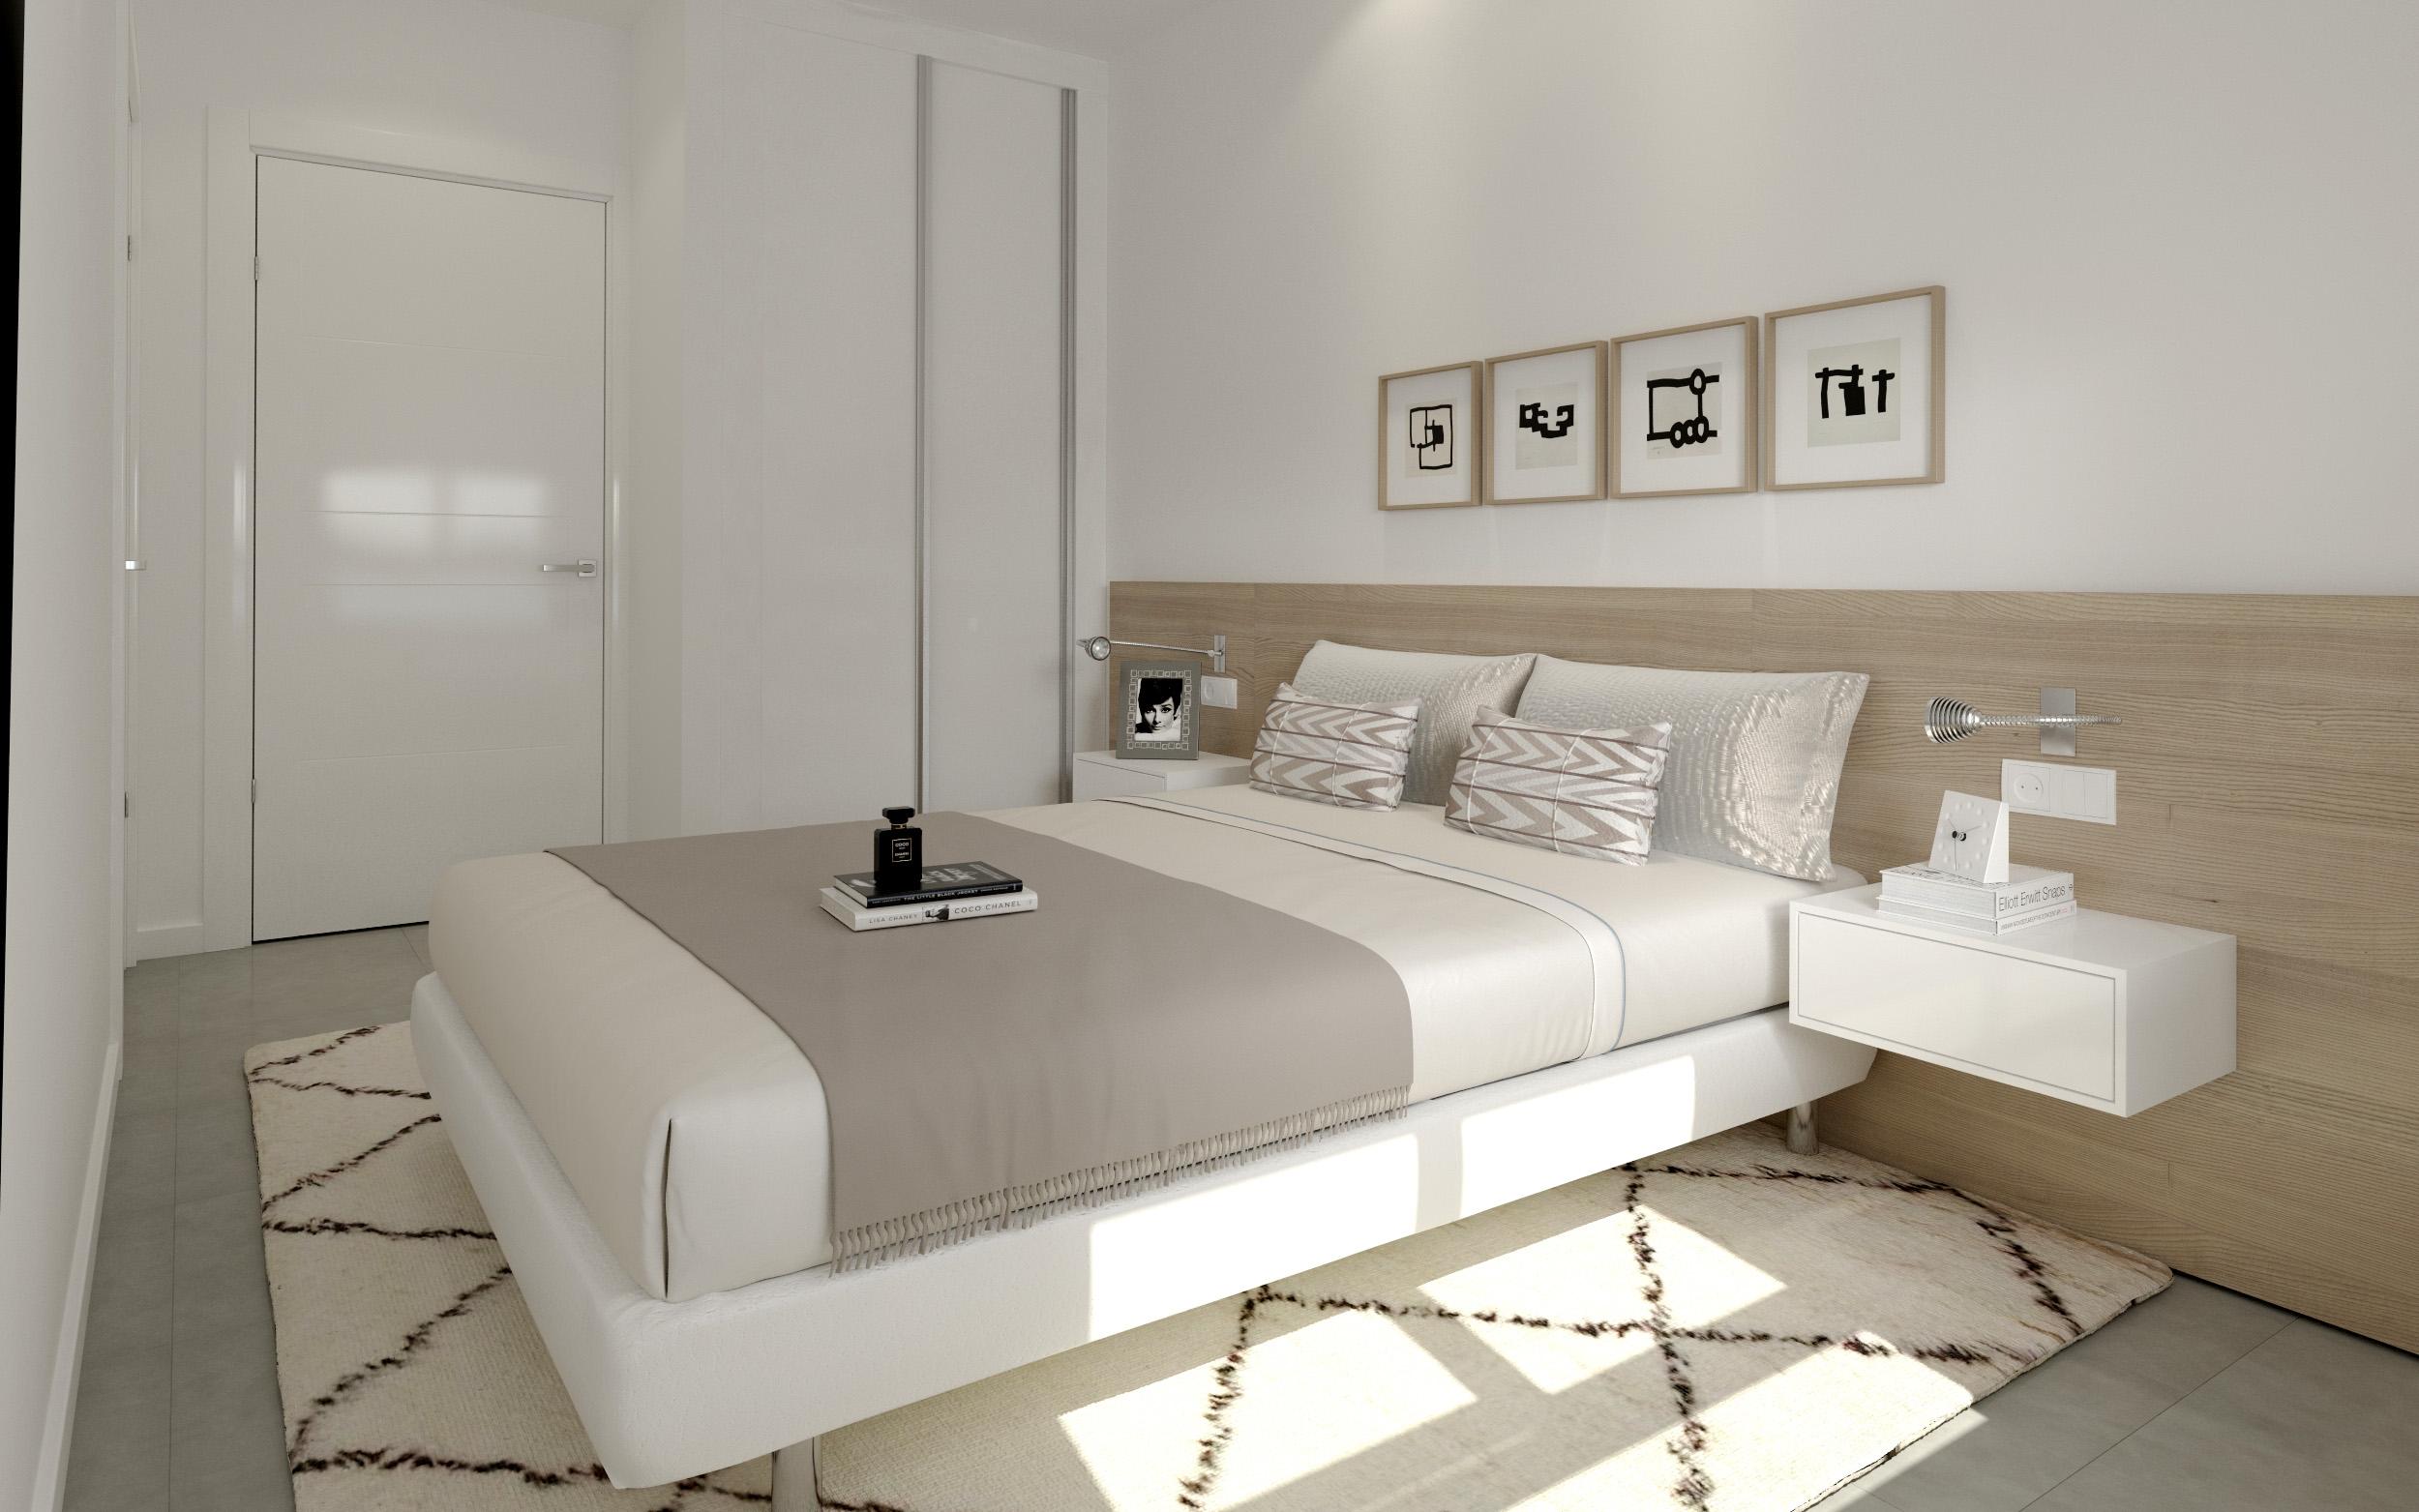 Travensa promociones y construcciones dormitorio principal for Dormitorio principal